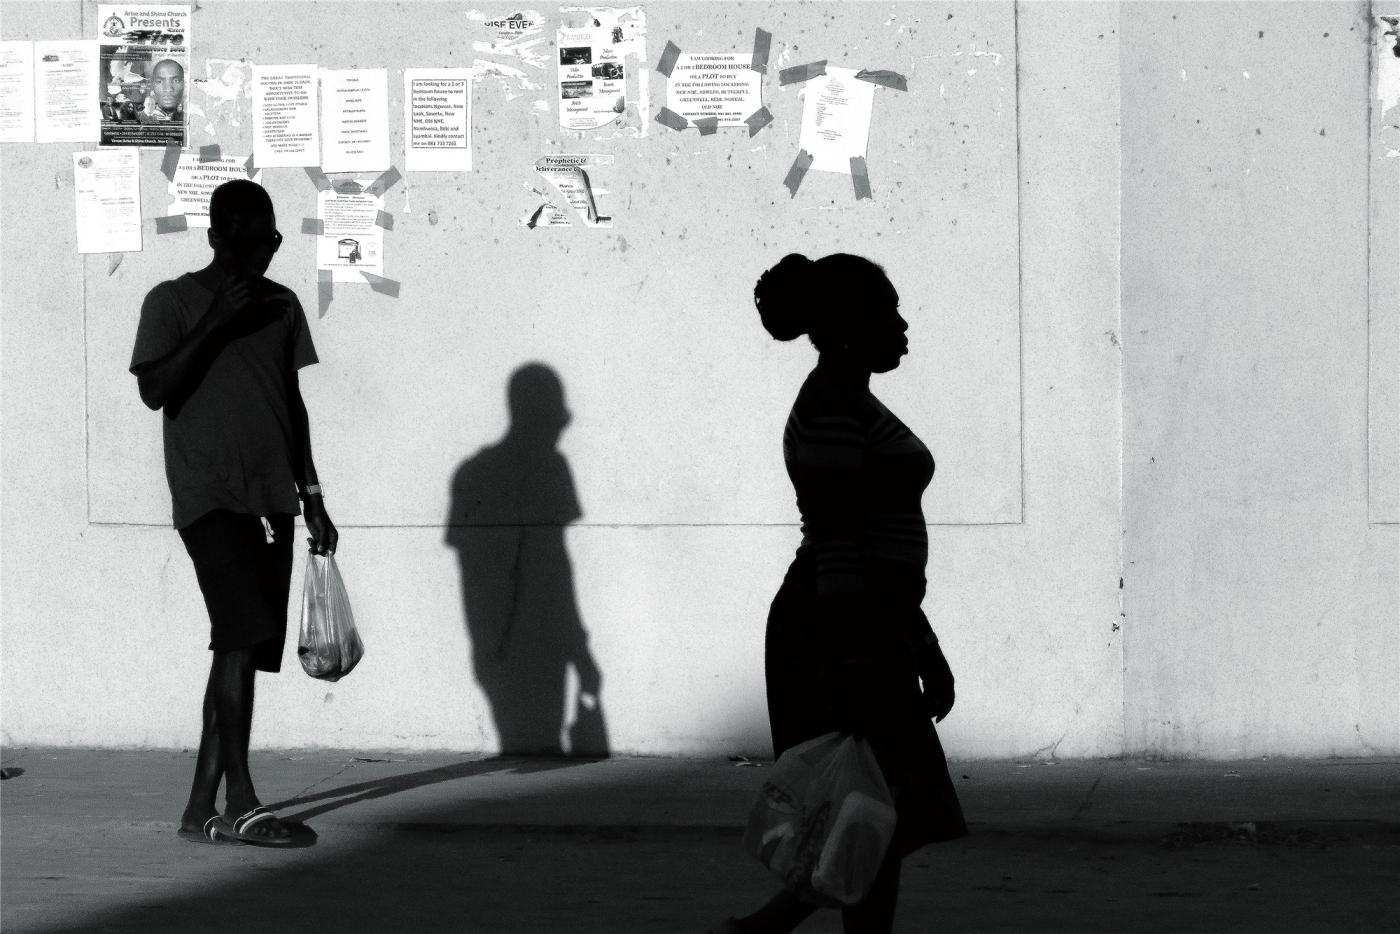 【原创实拍】黑色脸谱  ——行摄南部非洲(人像篇)_图1-1